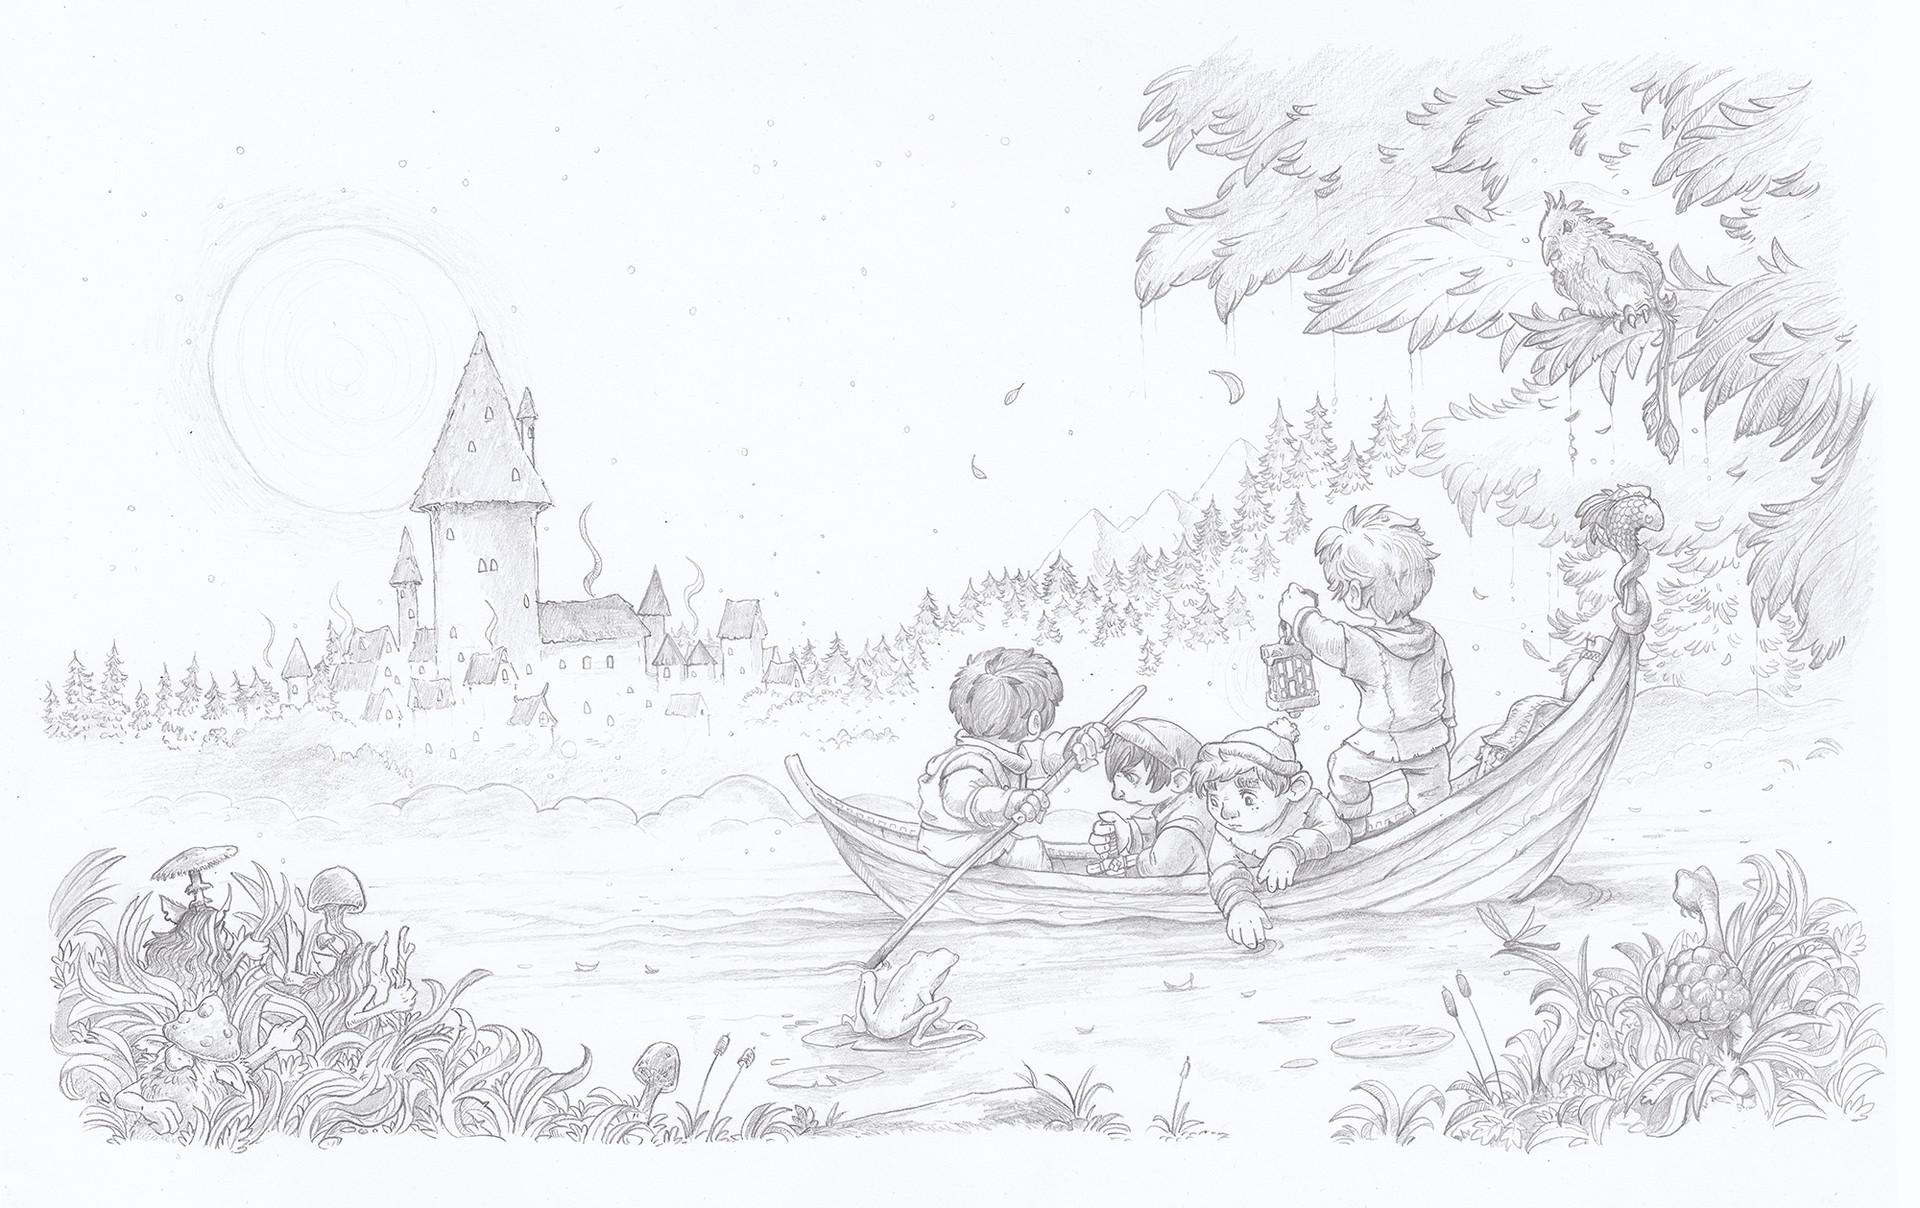 Kamil murzyn miastoswitlikow drawing